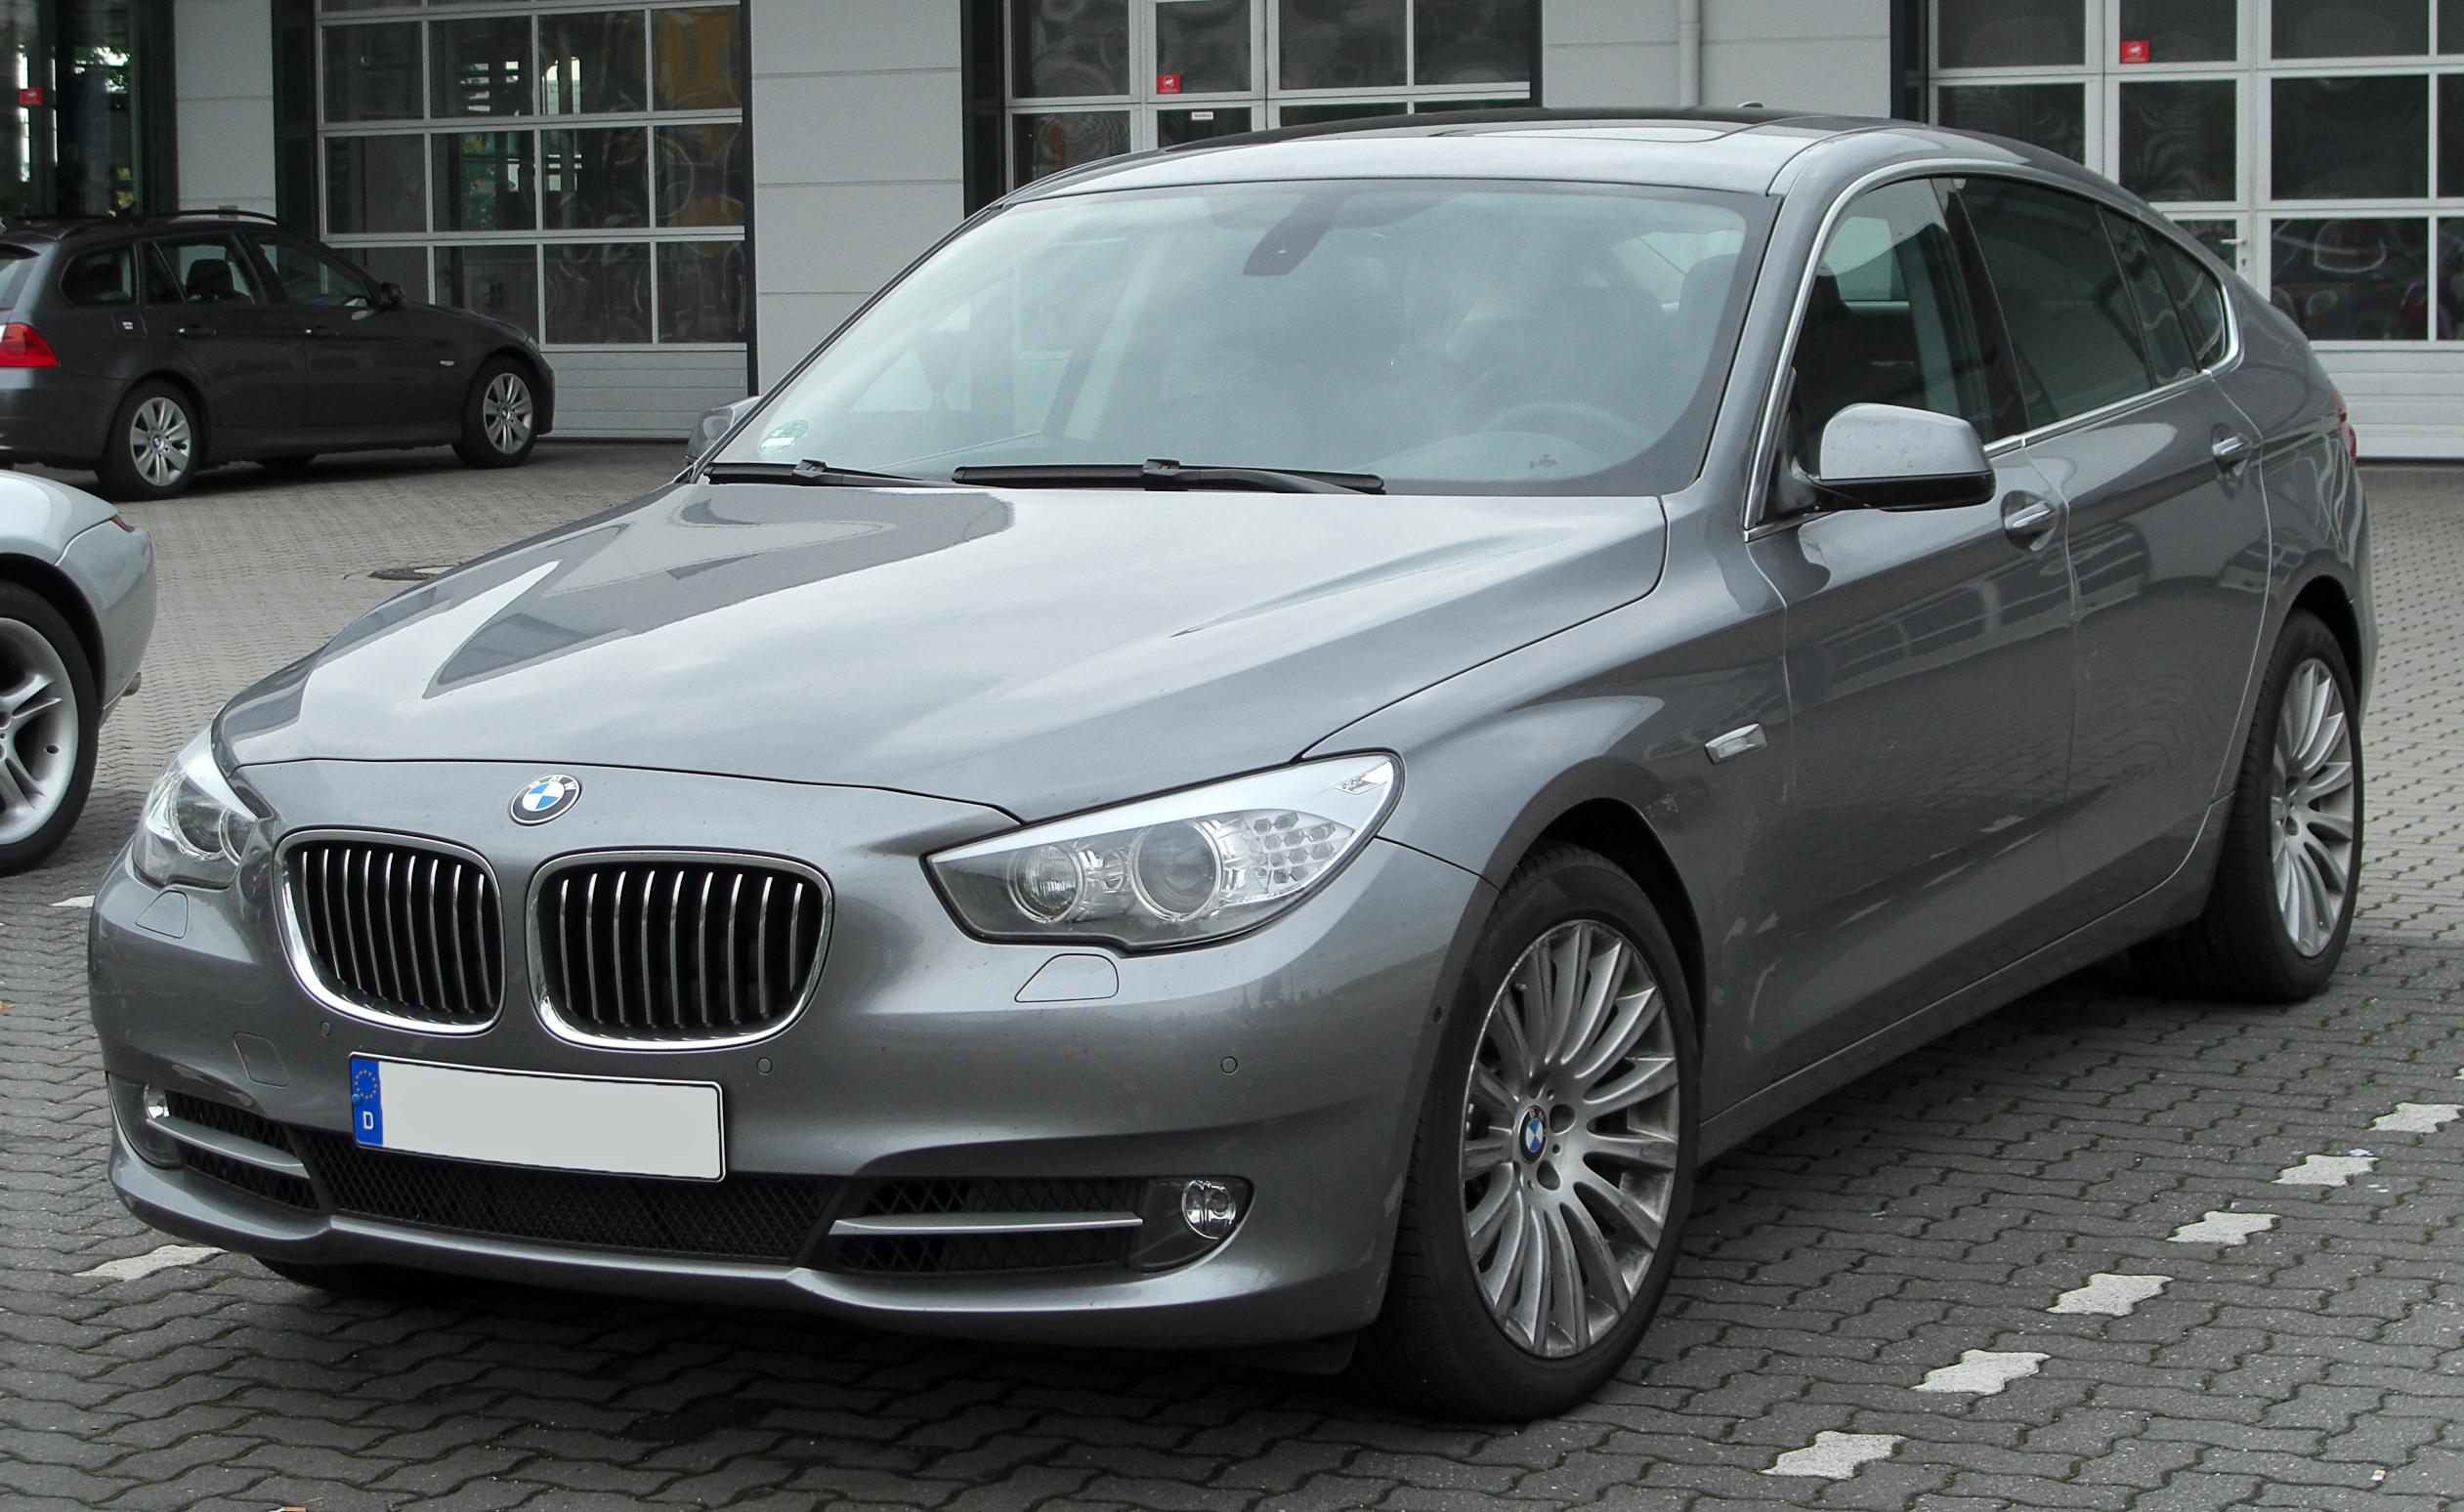 File:BMW 5er GT (F07) Front 20100508